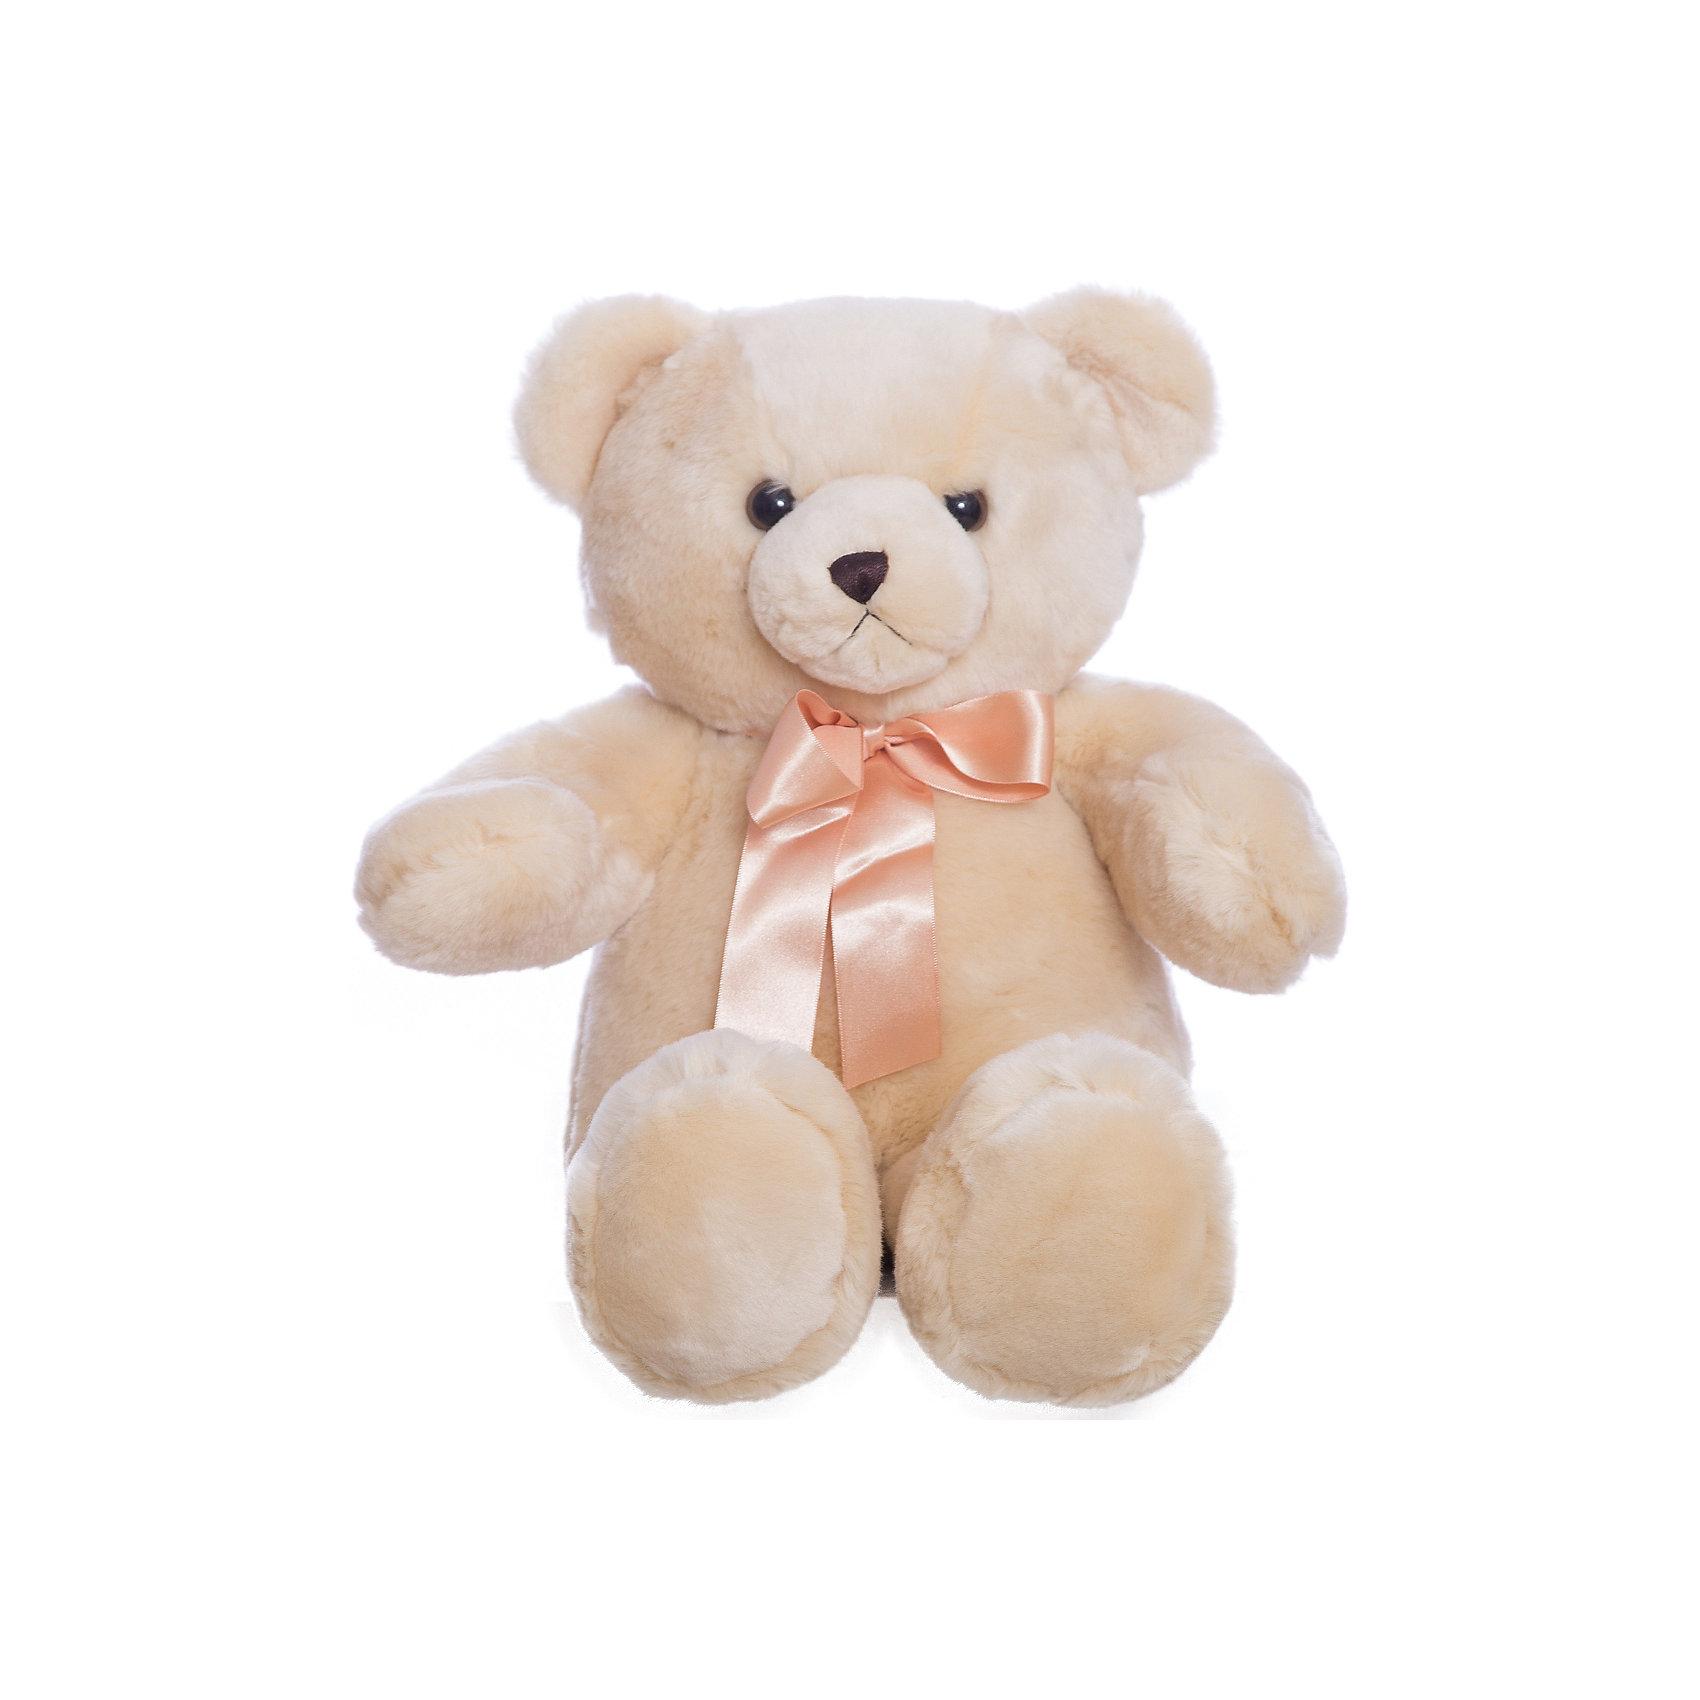 AURORA Мягкая игрушка Медведь, 56 смАврора: Медвежонок плюшевый кремового цвета с атласным бантом. Как дети, так и взрослые в восторге от смешных плюшевых медвежат! Мишка изготовлен из экологически чистых био-материалов:  плюш высшего качества и гипoaллepгeнный cинтепoн. Игрушка пригодна для машинной стирки, не теряет при этом внешний вид. Для детей от 3 лет.<br><br>Ширина мм: 200<br>Глубина мм: 240<br>Высота мм: 300<br>Вес г: 788<br>Возраст от месяцев: 24<br>Возраст до месяцев: 120<br>Пол: Унисекс<br>Возраст: Детский<br>SKU: 2147537